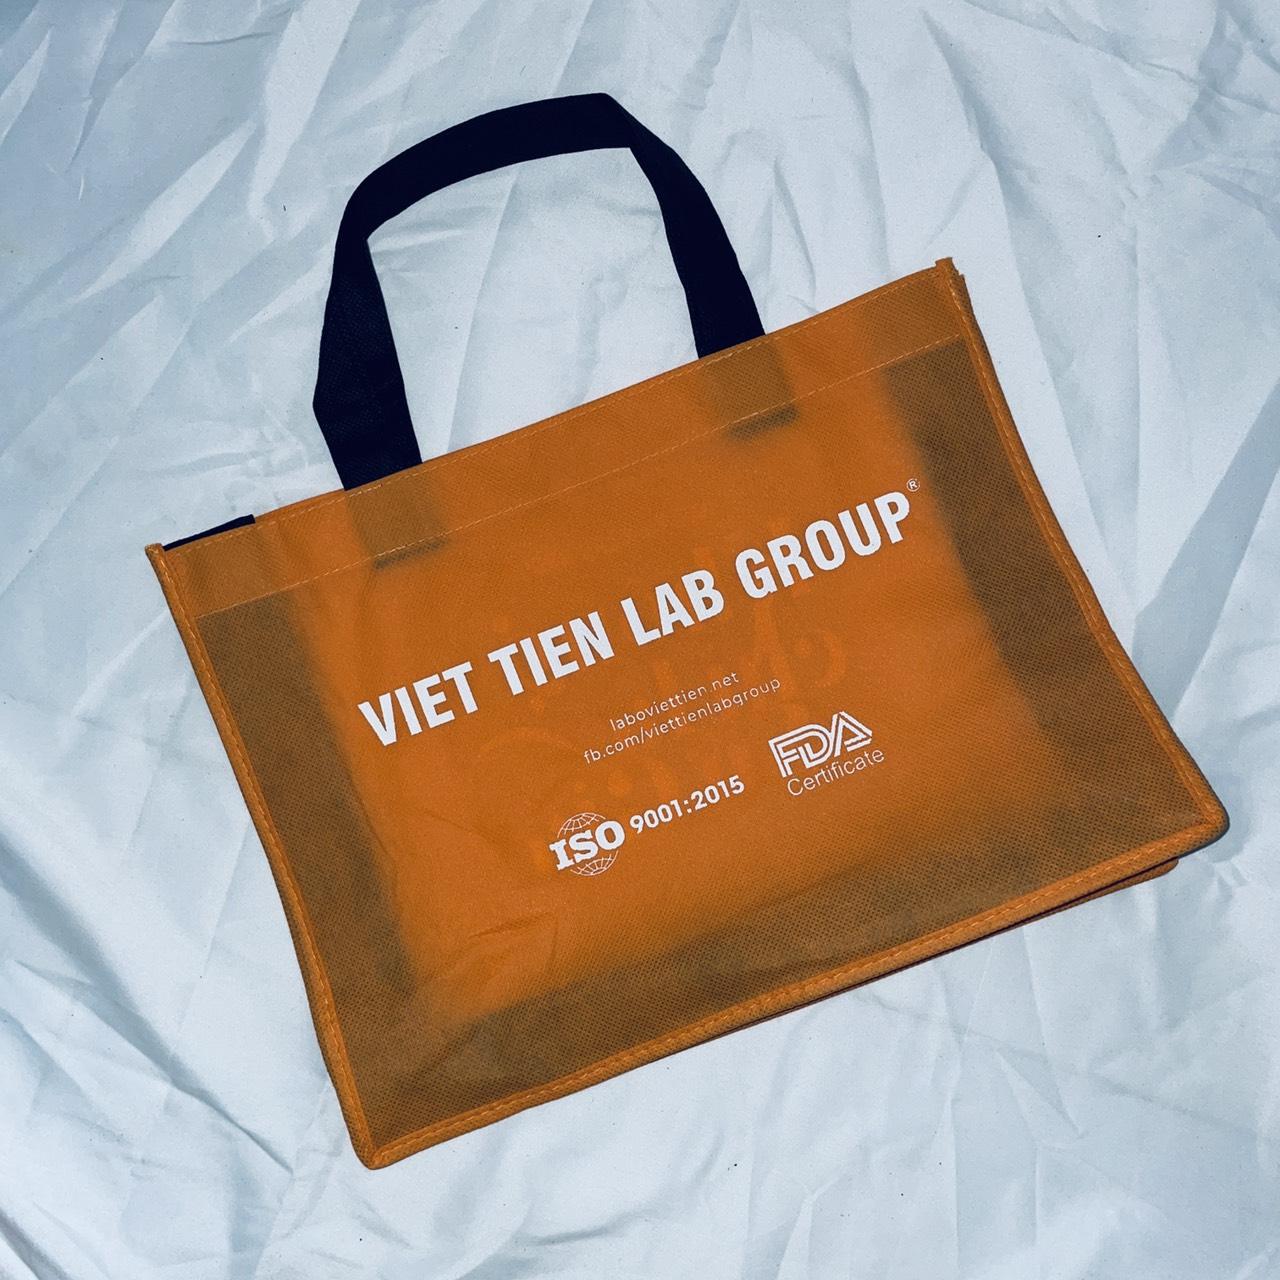 mẫu túi vải không dệt in logo Viet Tien LaB Group